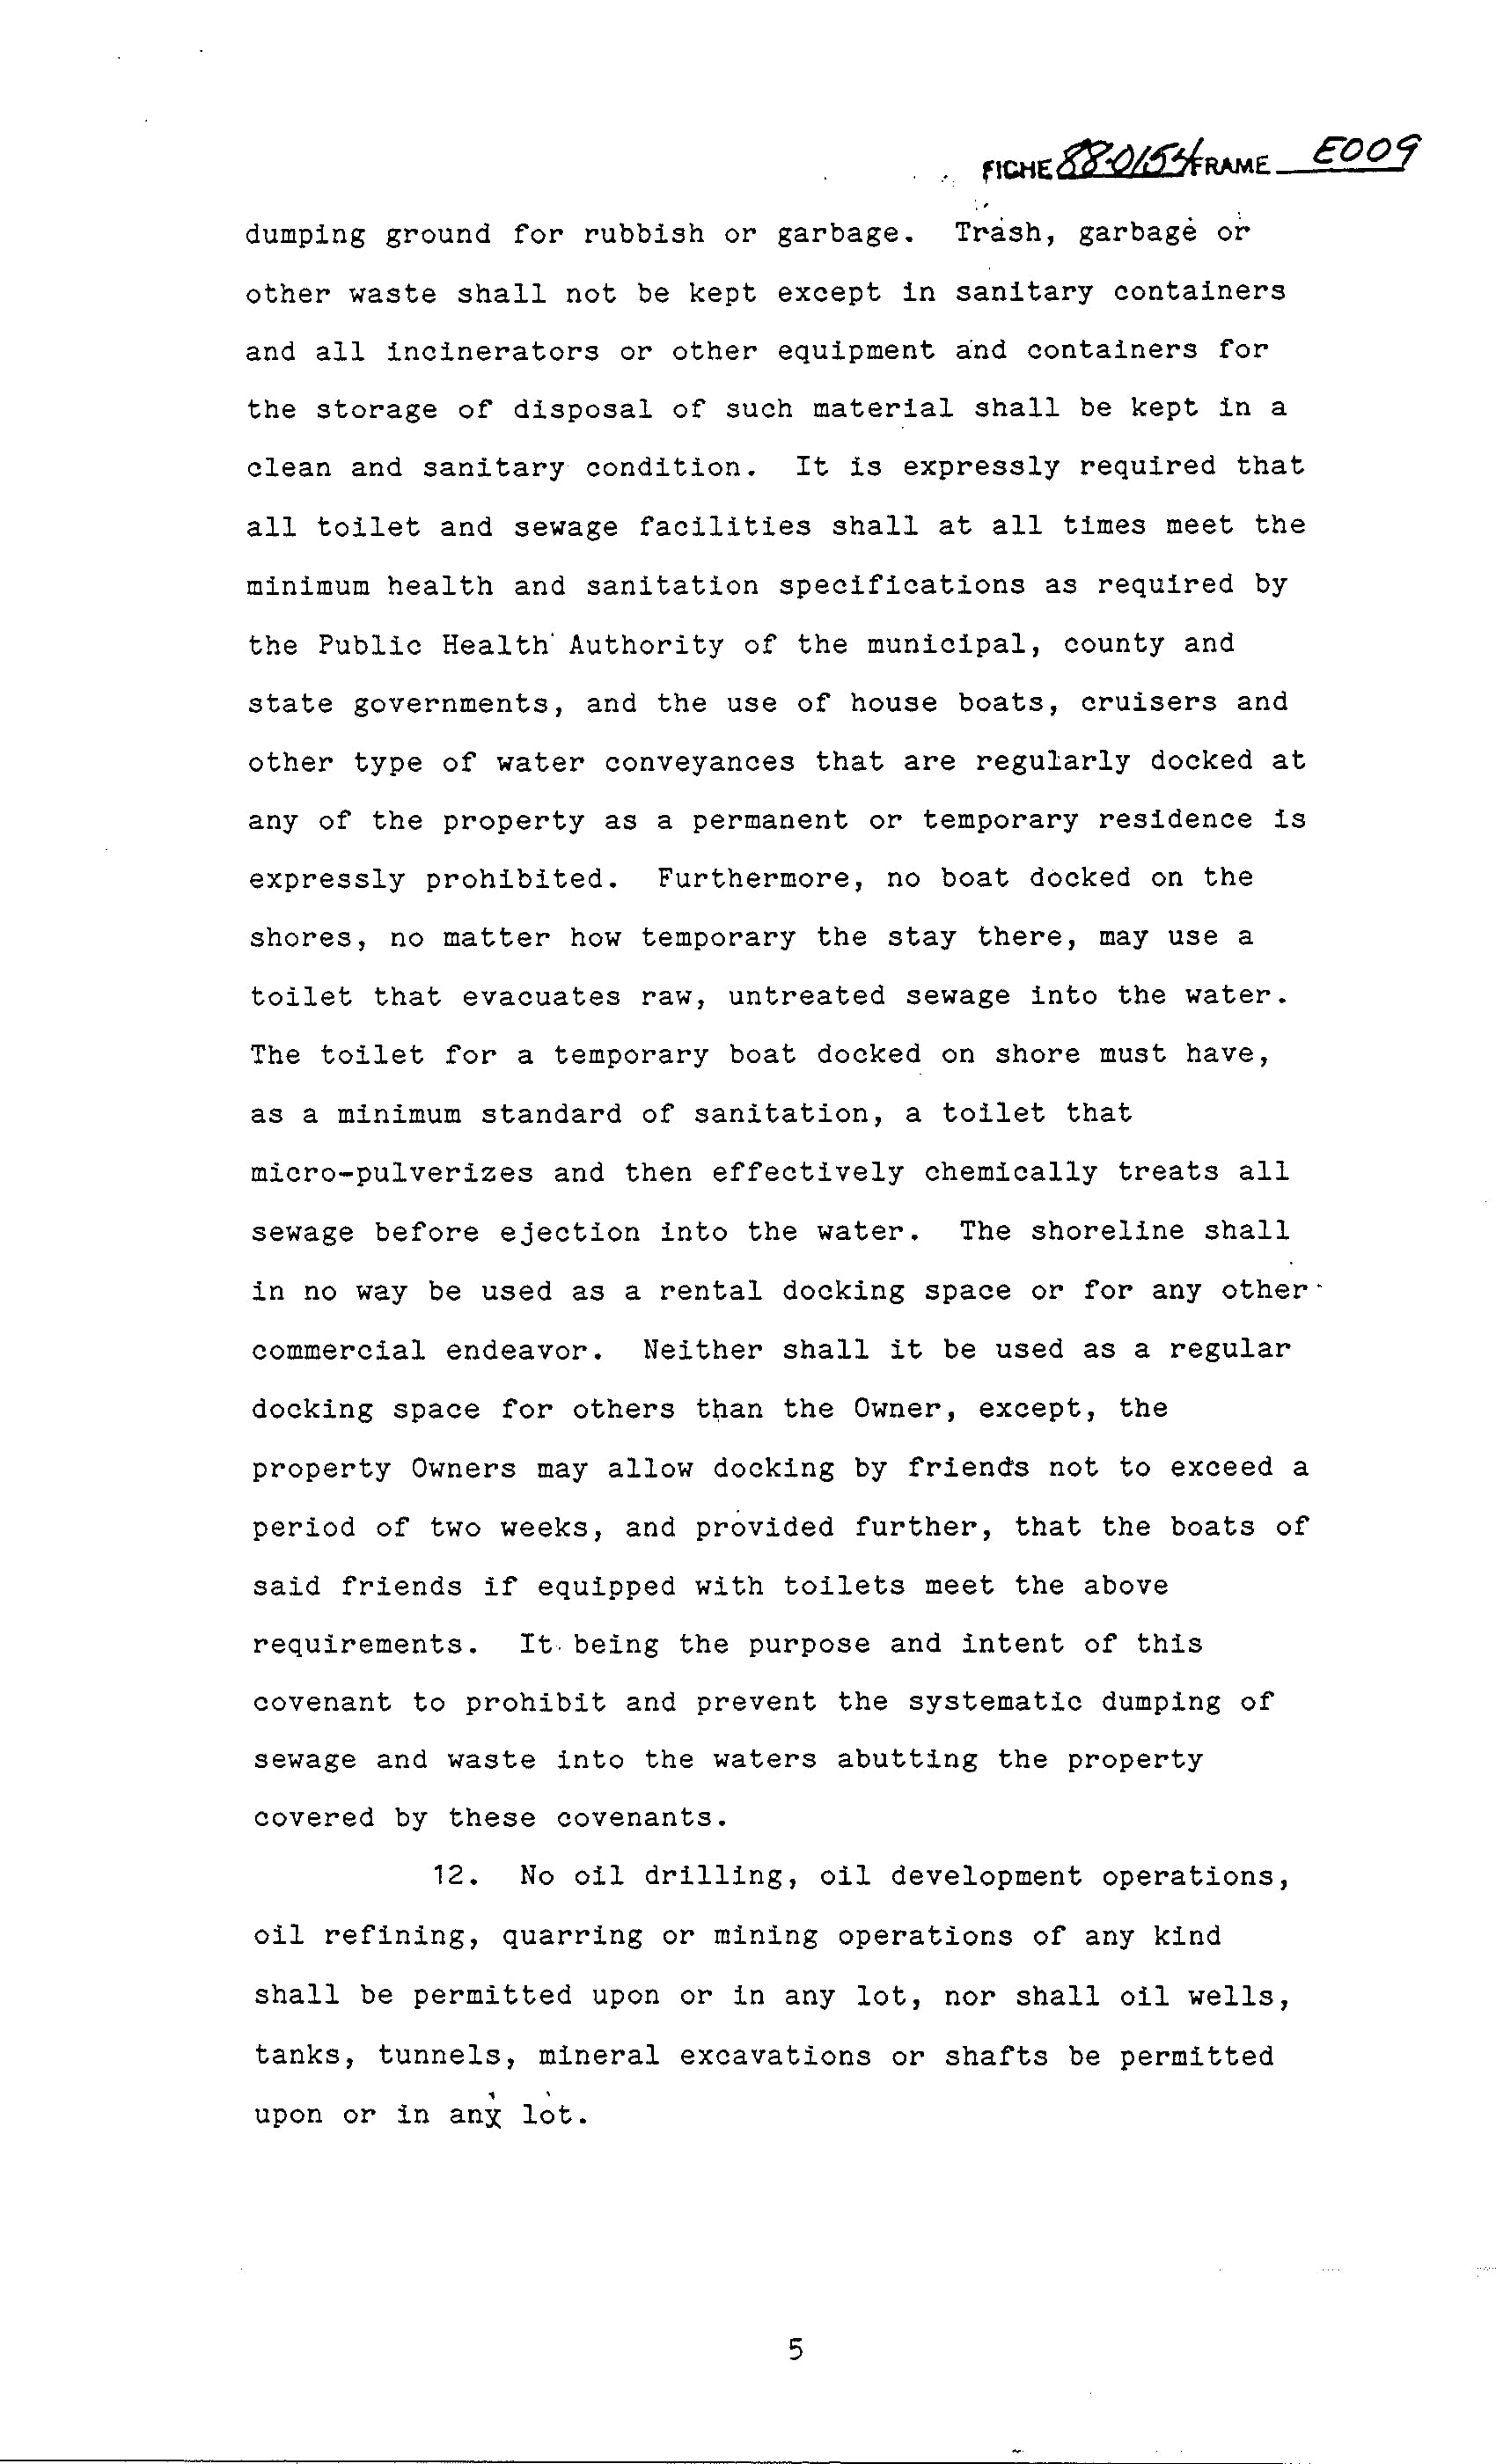 Indian Springs 3- covenants-12.jpg